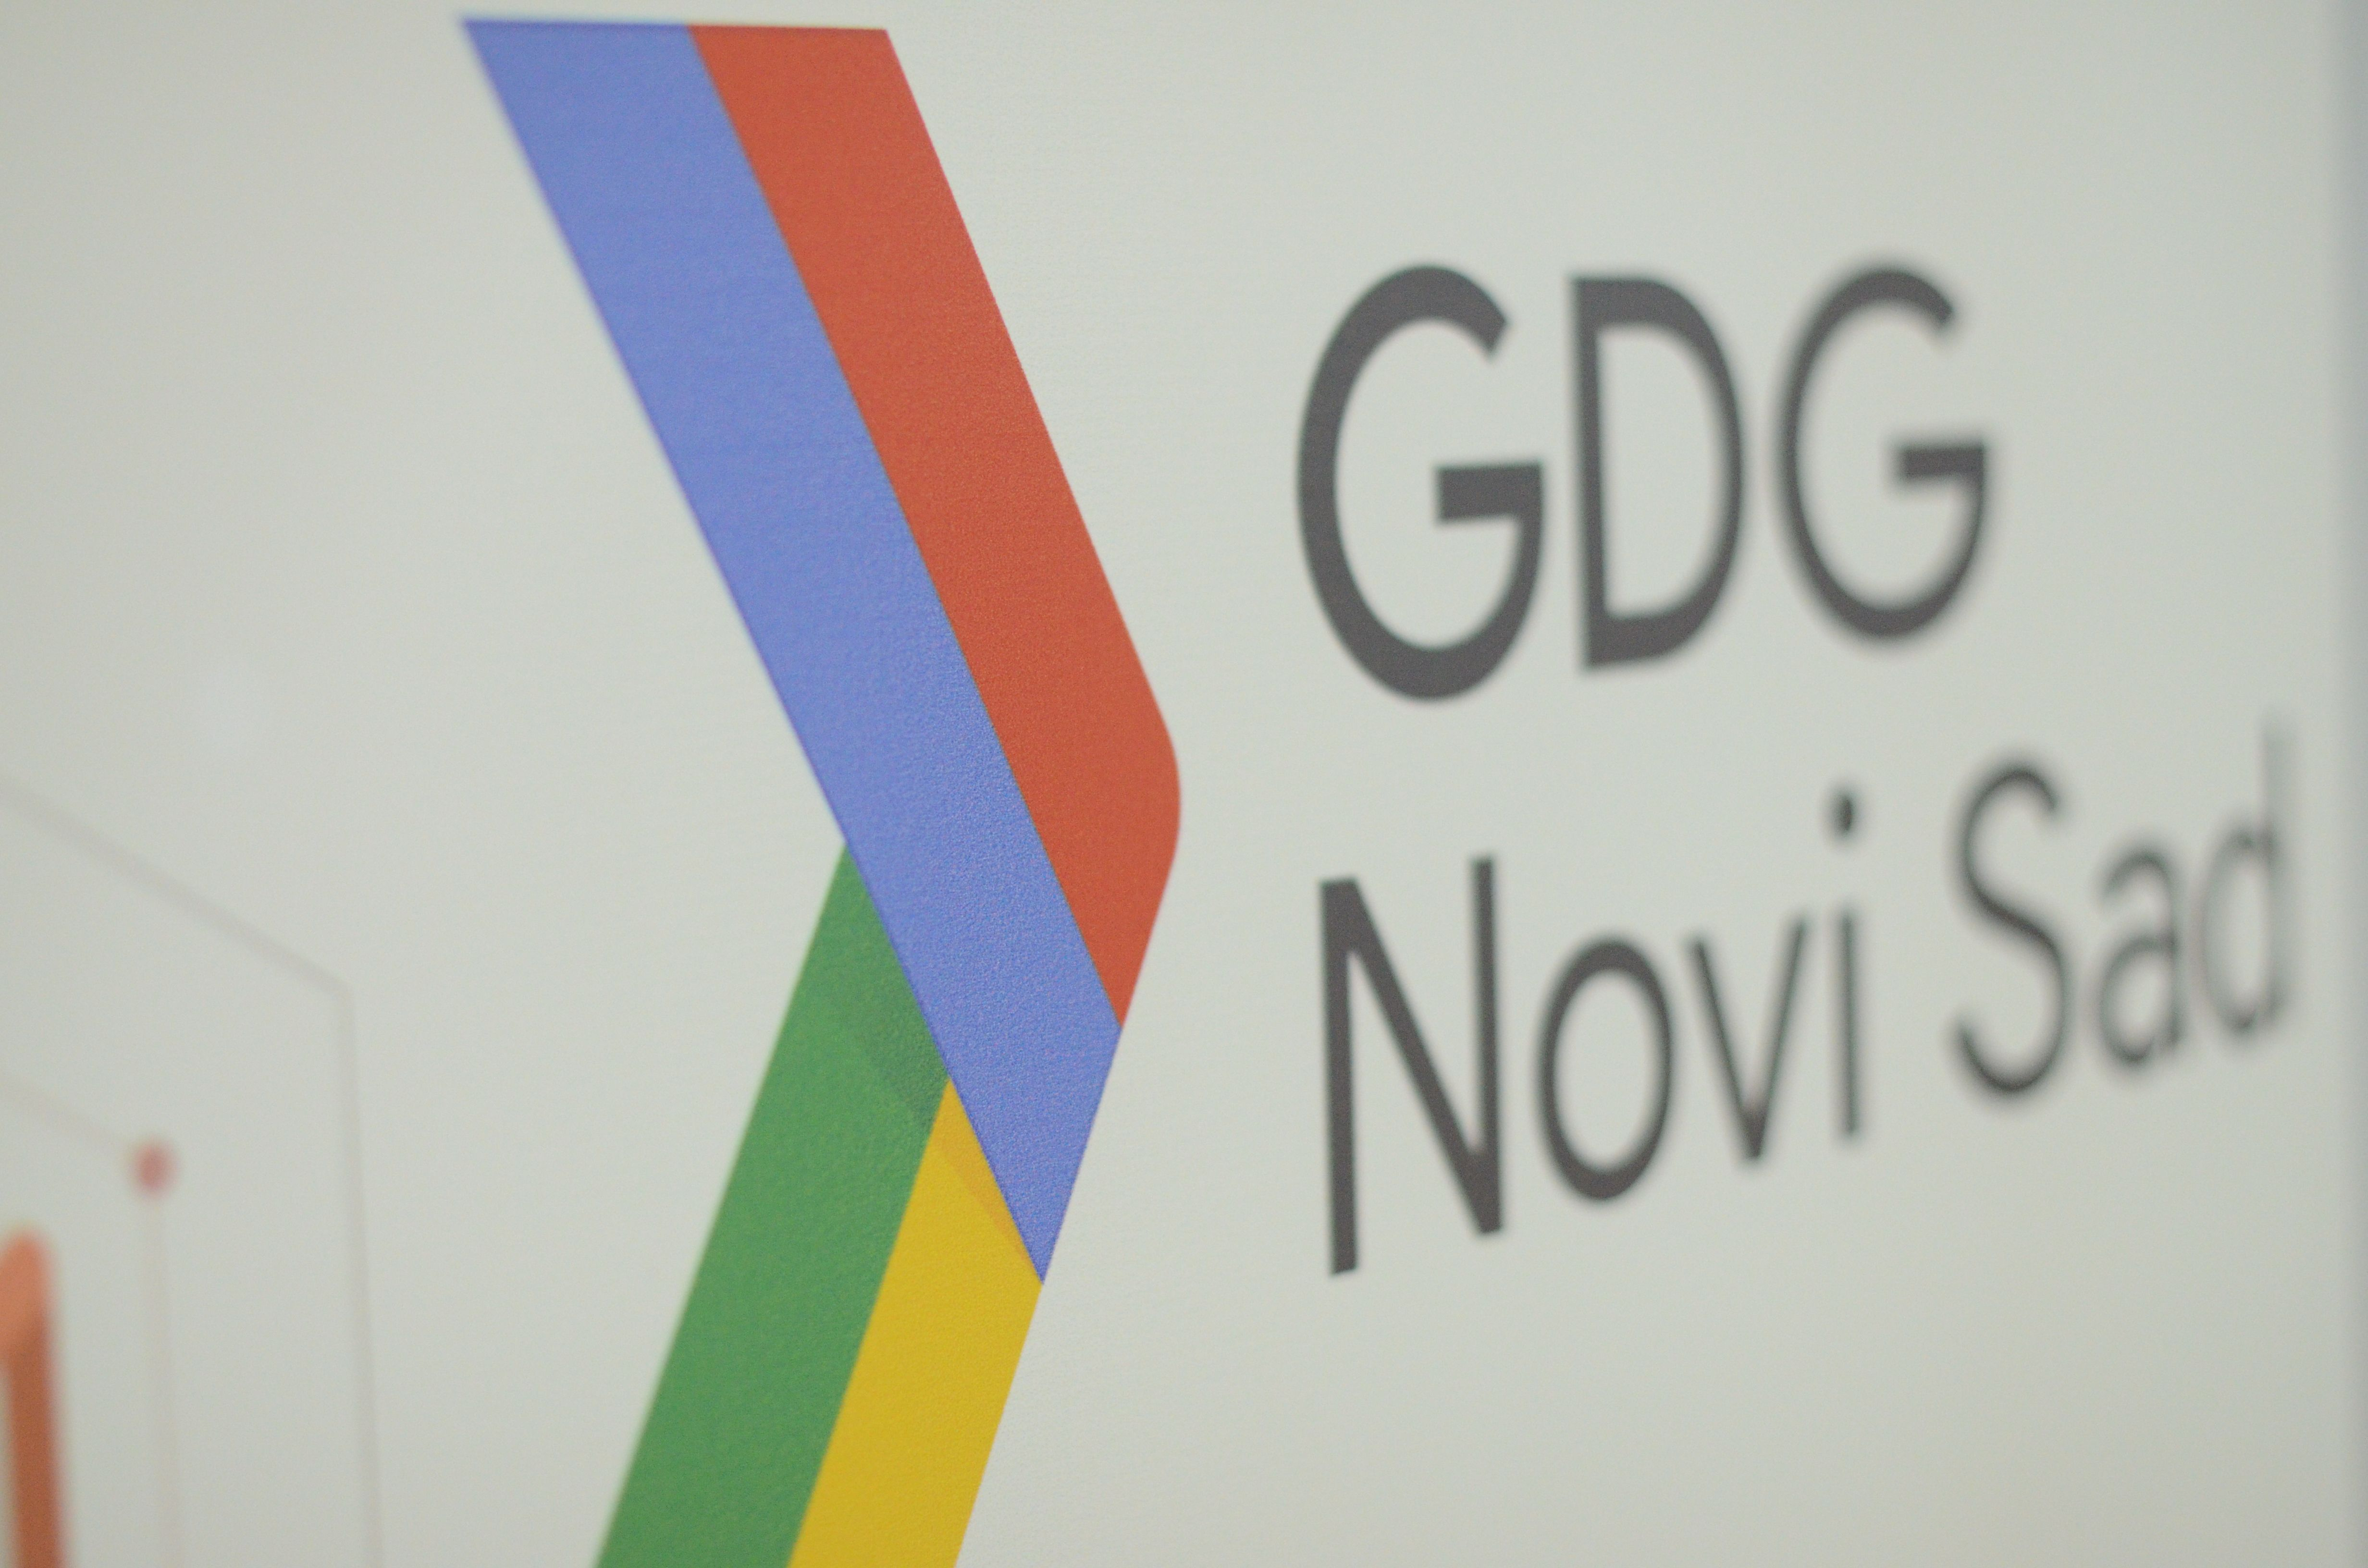 Google Developer Group - Novi Sad